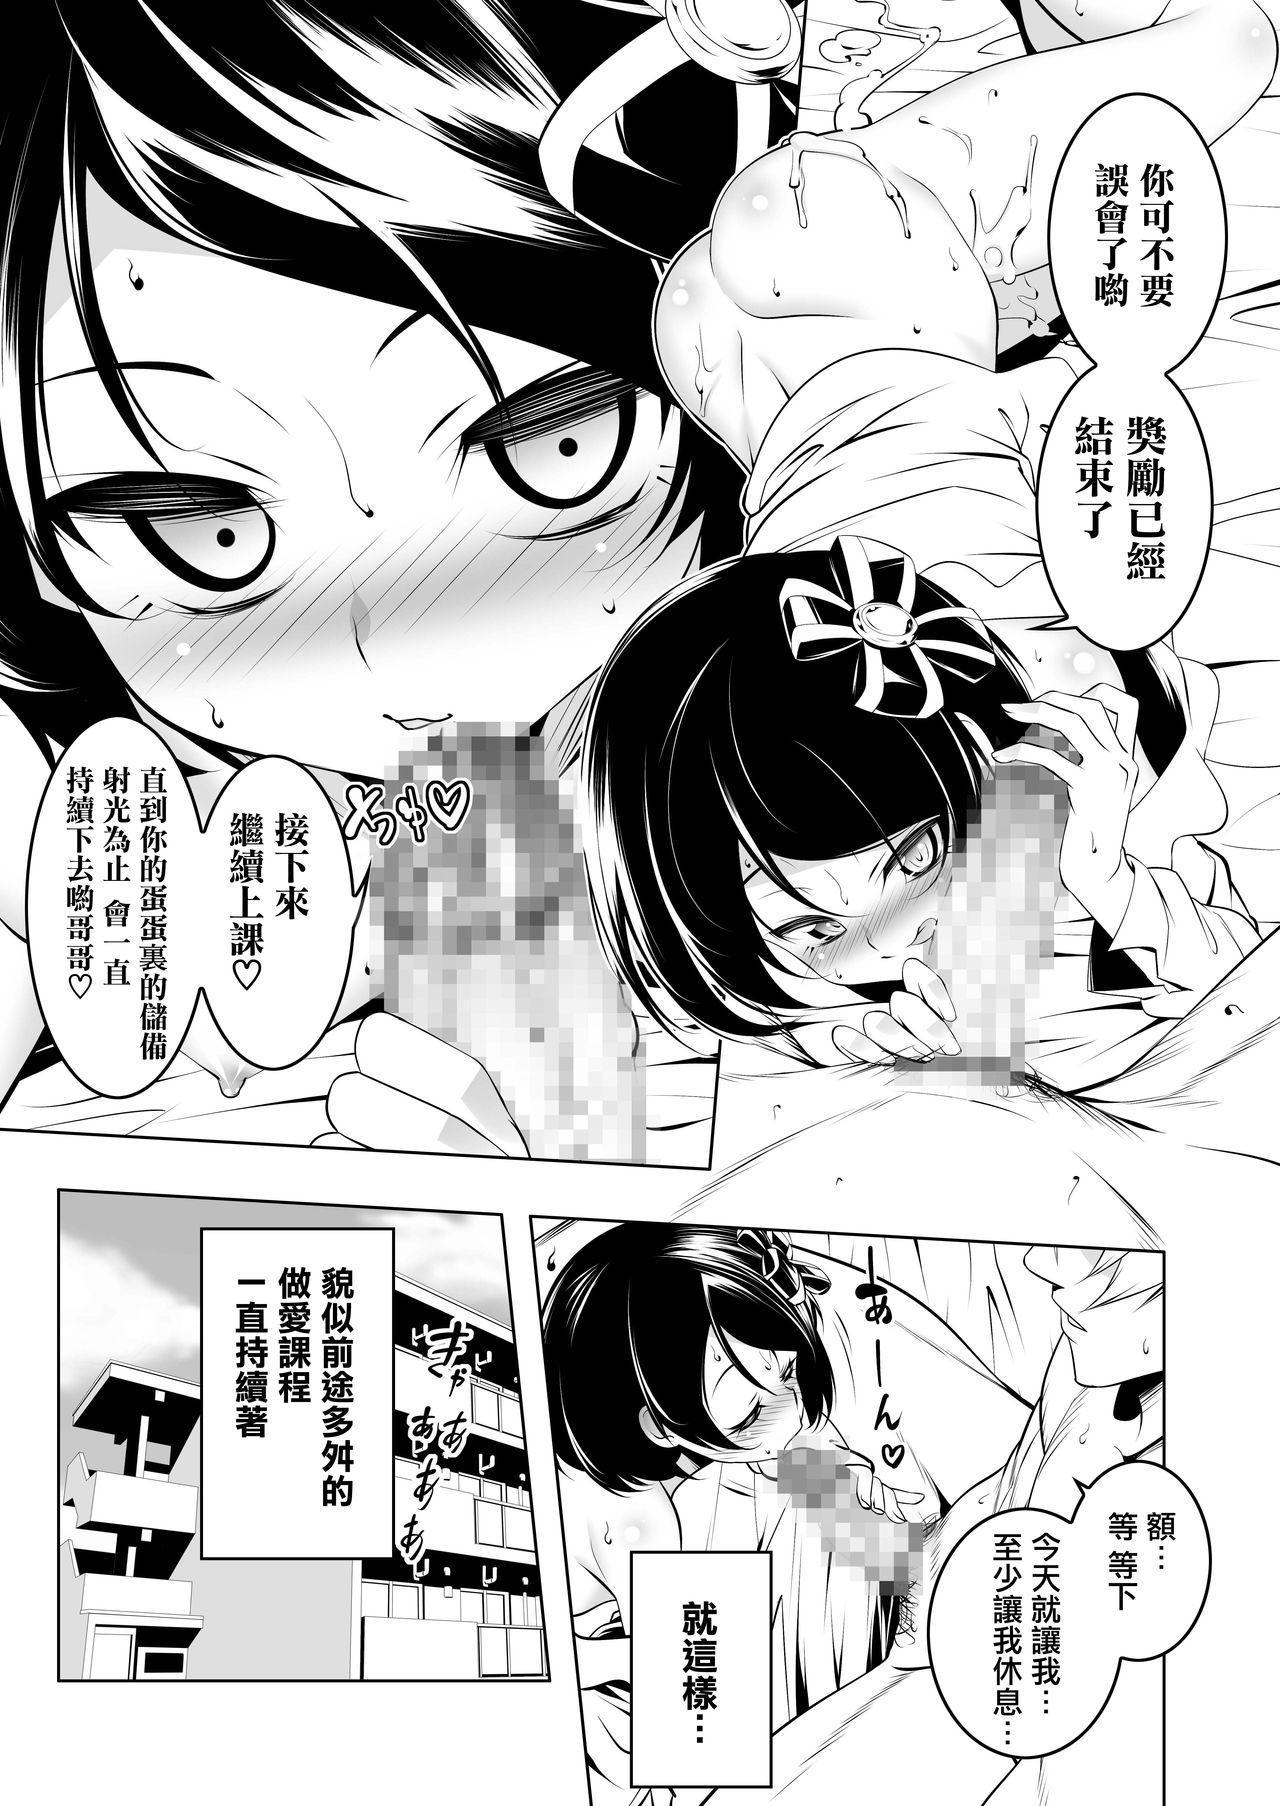 Watashi ga SEX Oshiete Ageru   就讓妹妹來教你怎麼變成大人吧 32